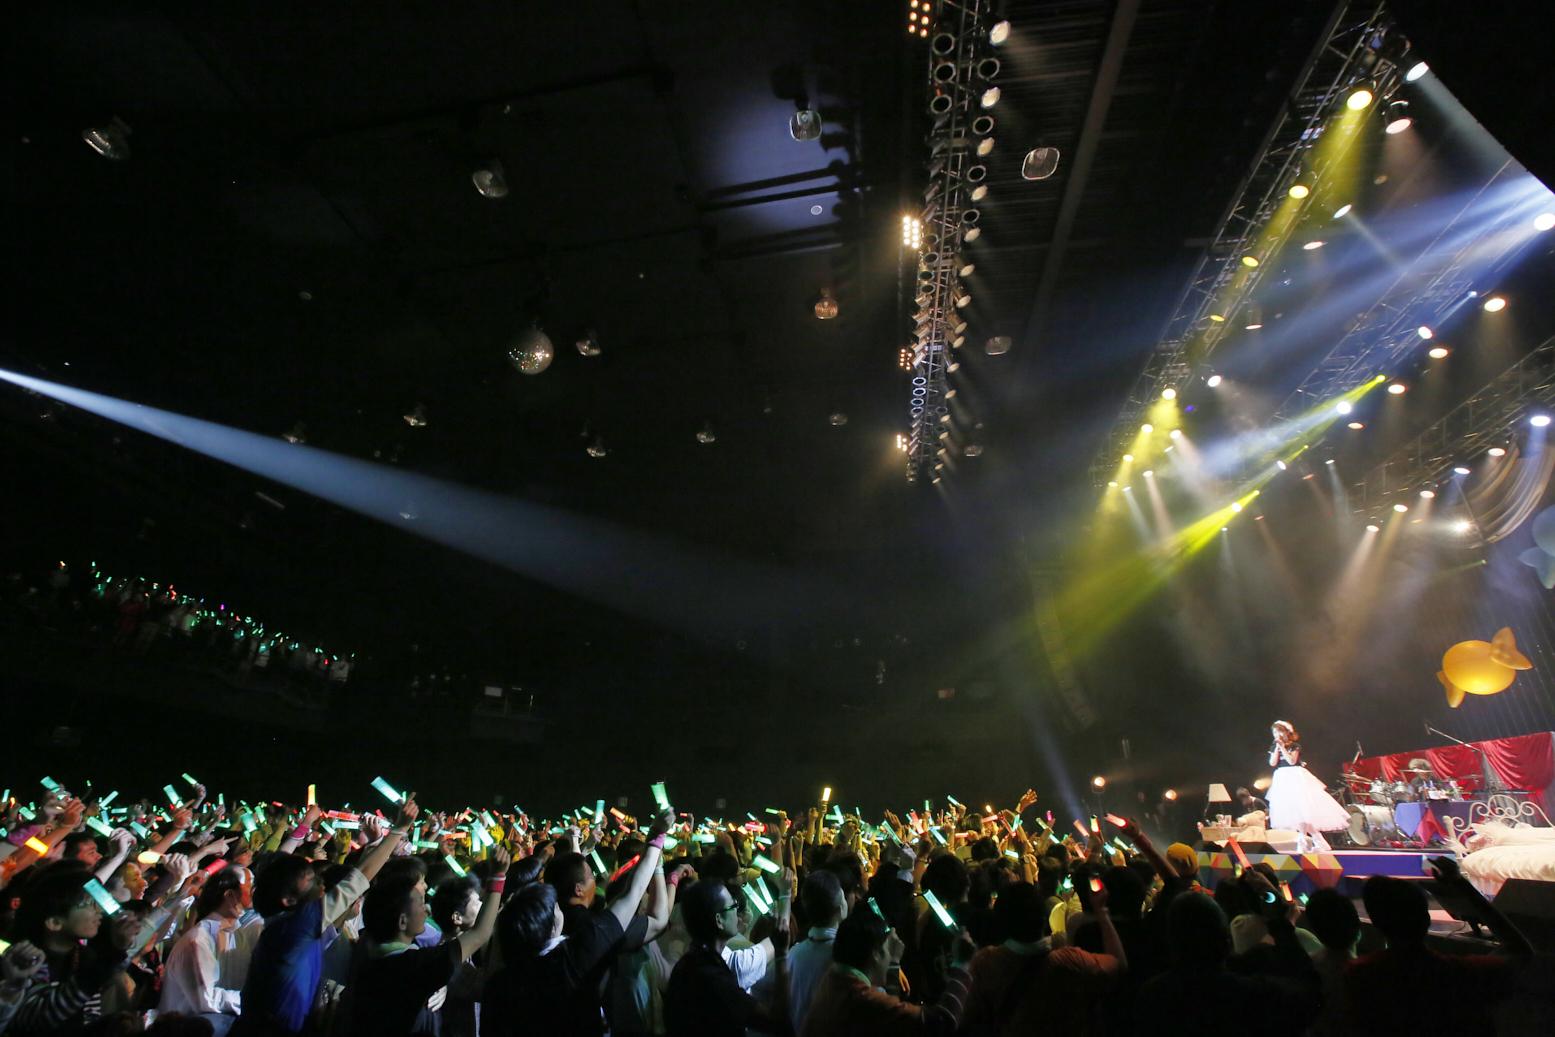 声優・内田彩さんの3rdシングルより、「Sign」(『五等分の花嫁』EDテーマ)と「Candy Flavor」のMV公開! ジャケ写、新アー写も解禁-10